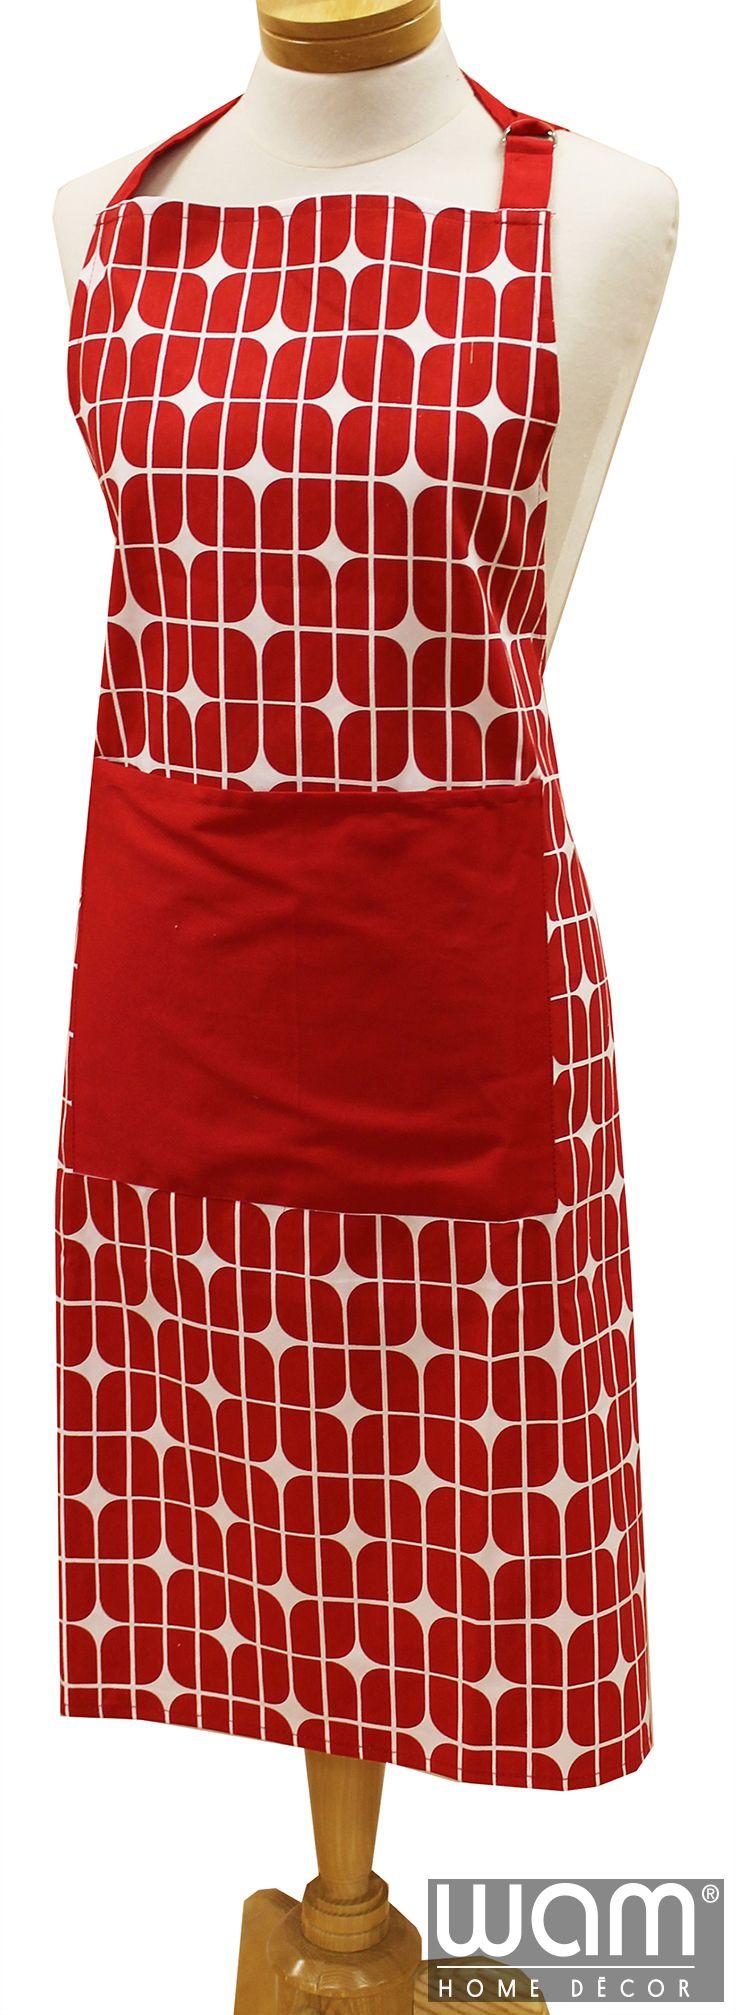 Geo Square Red Apron http://wamhomedecor.com.au/index.php/geo-square-apron-red-standard-apron.html